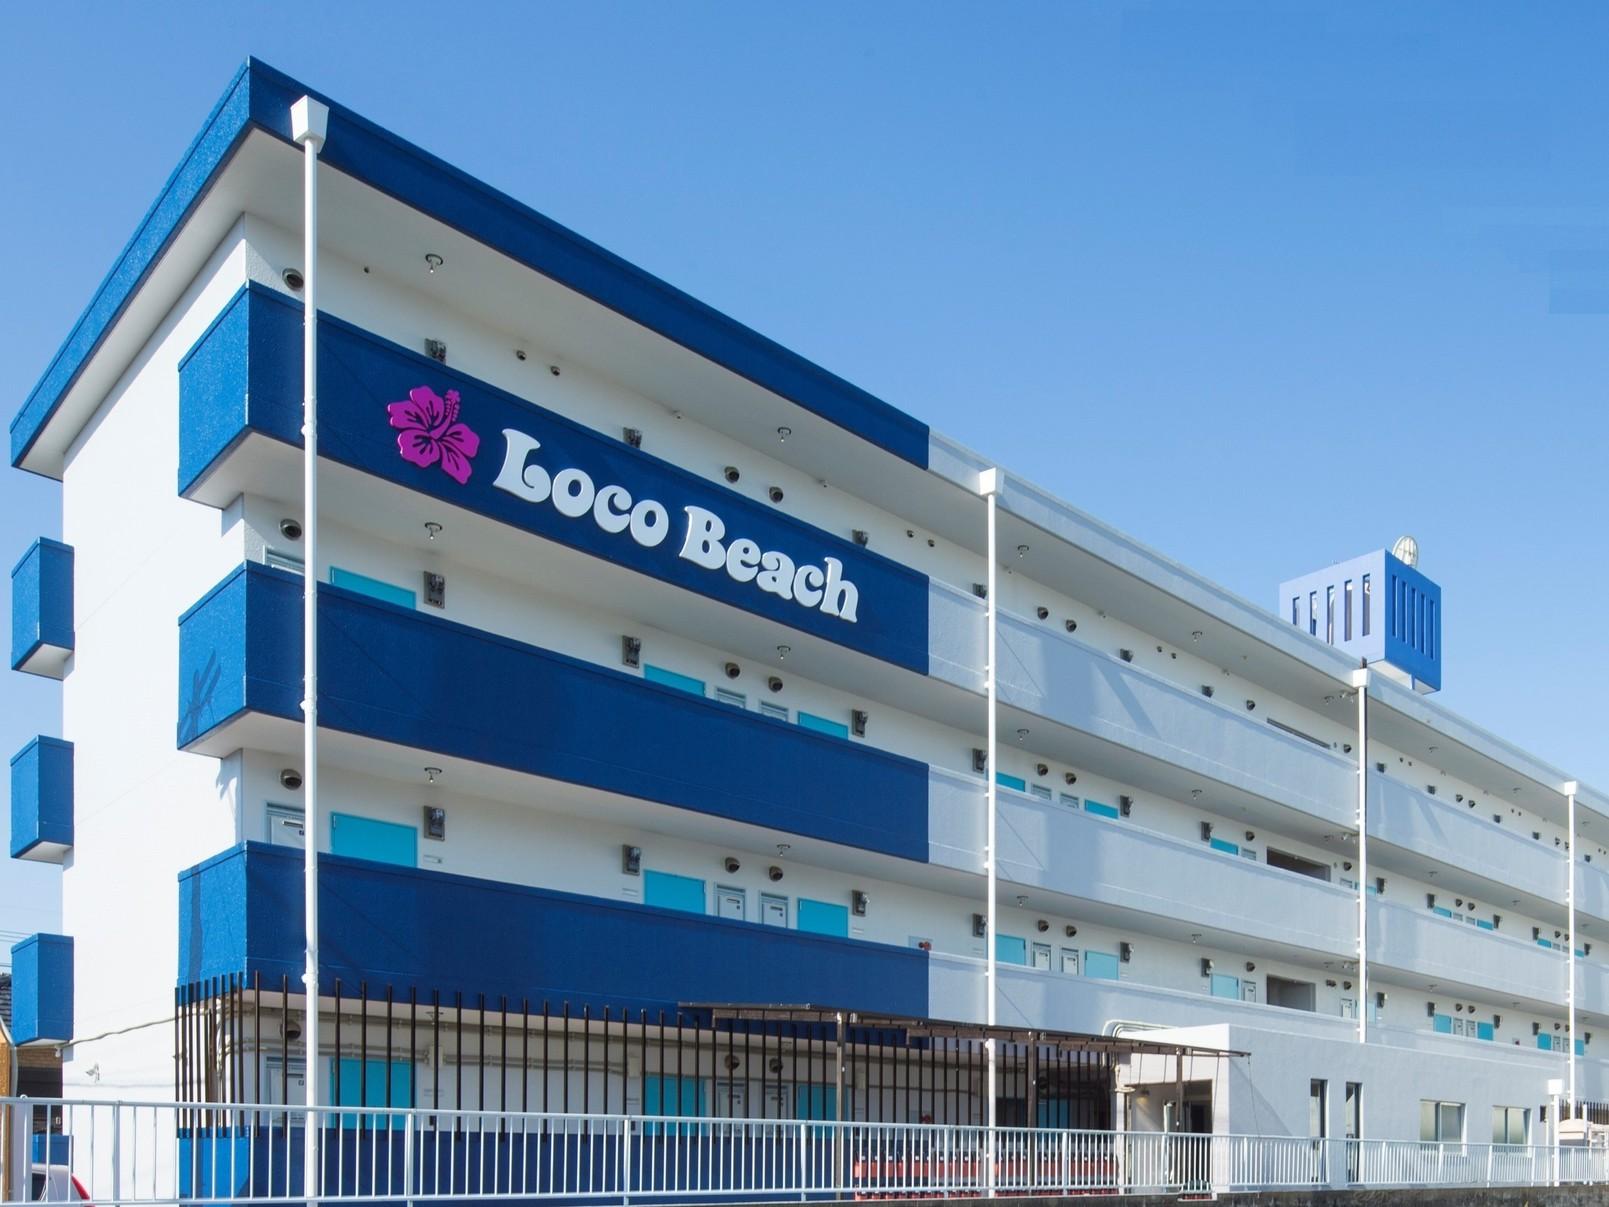 Loco Beach